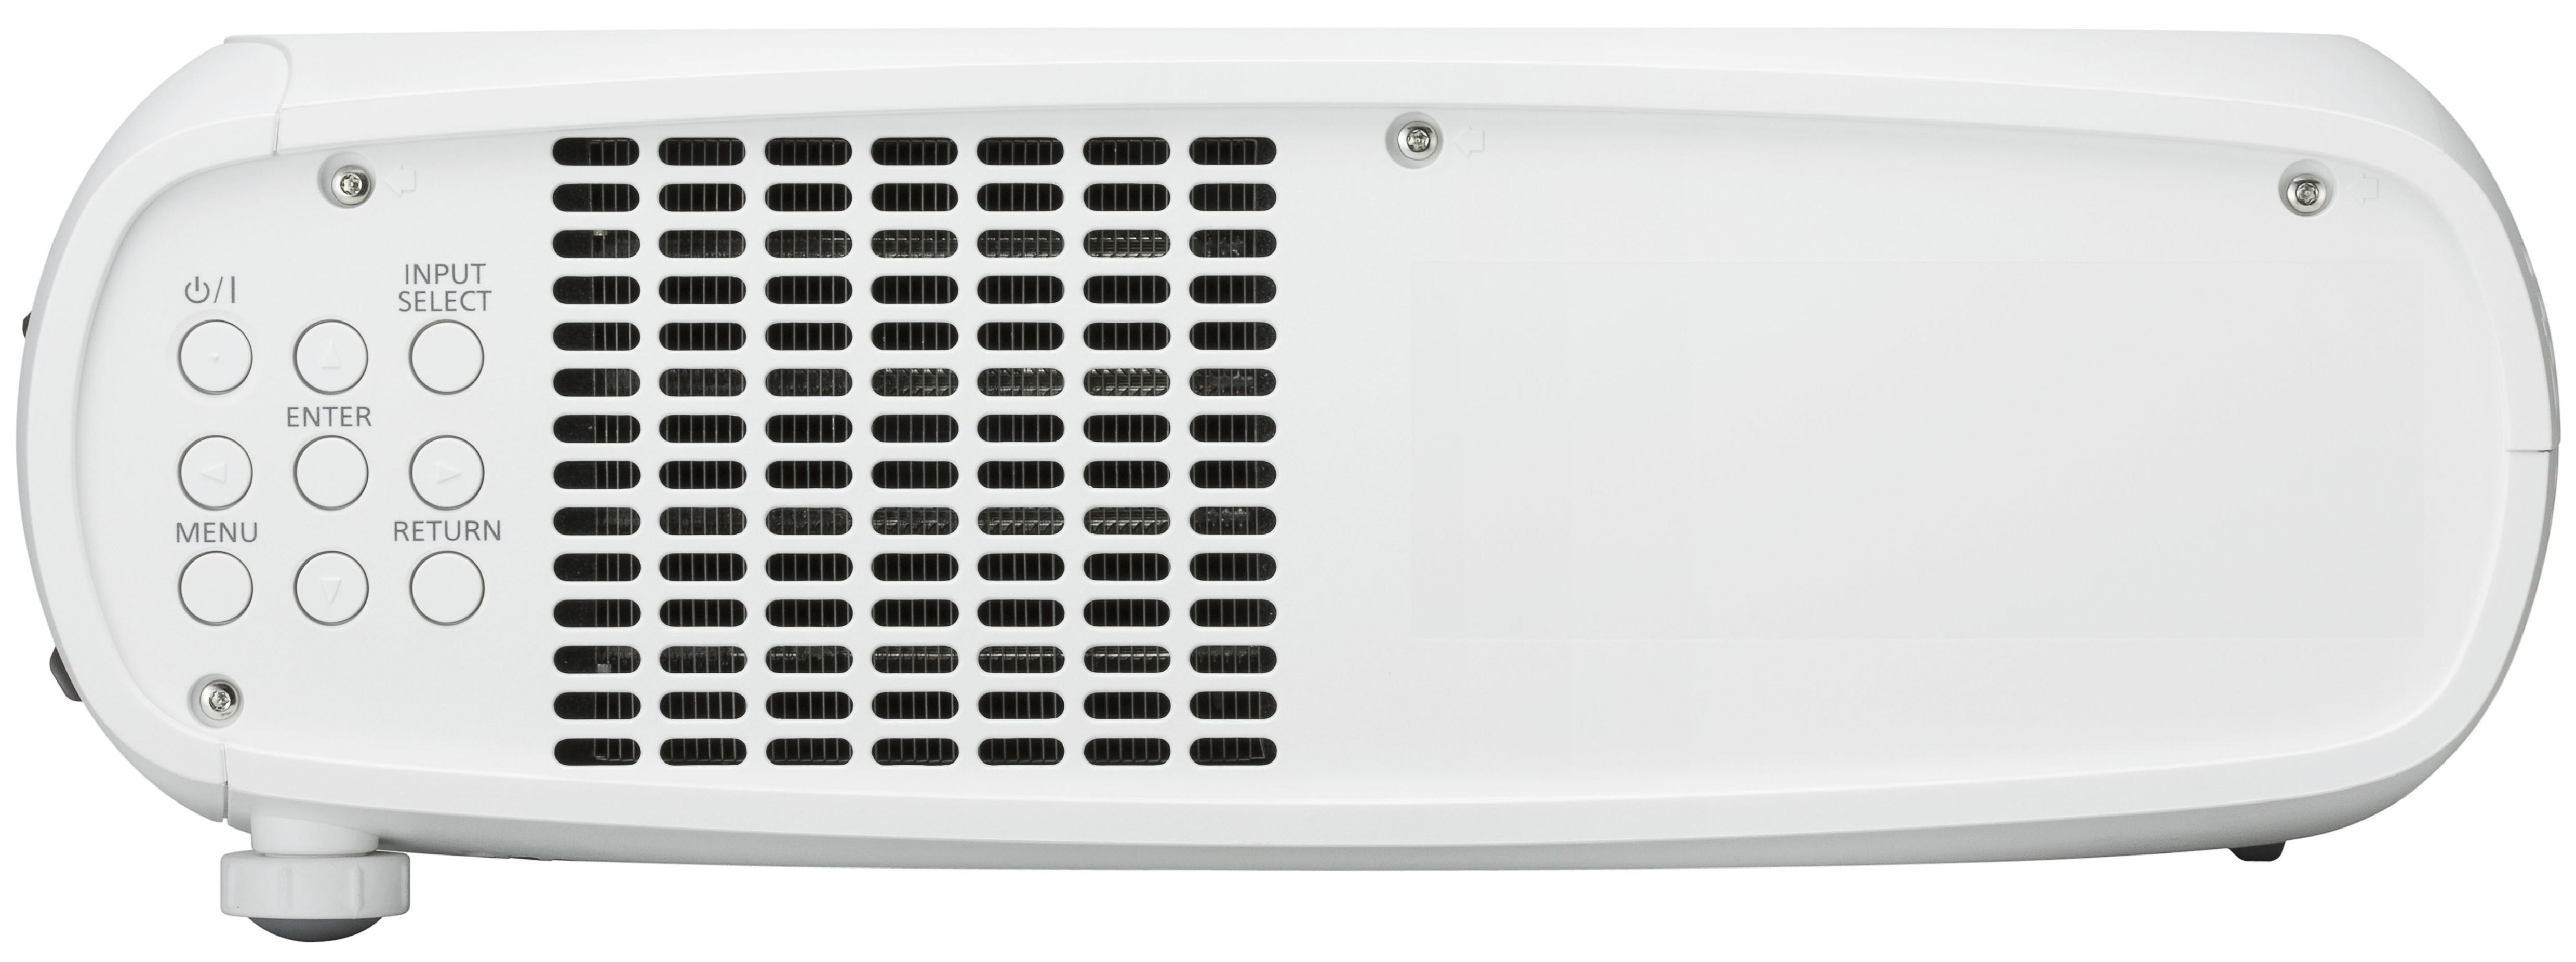 pt-vx500 инструкция